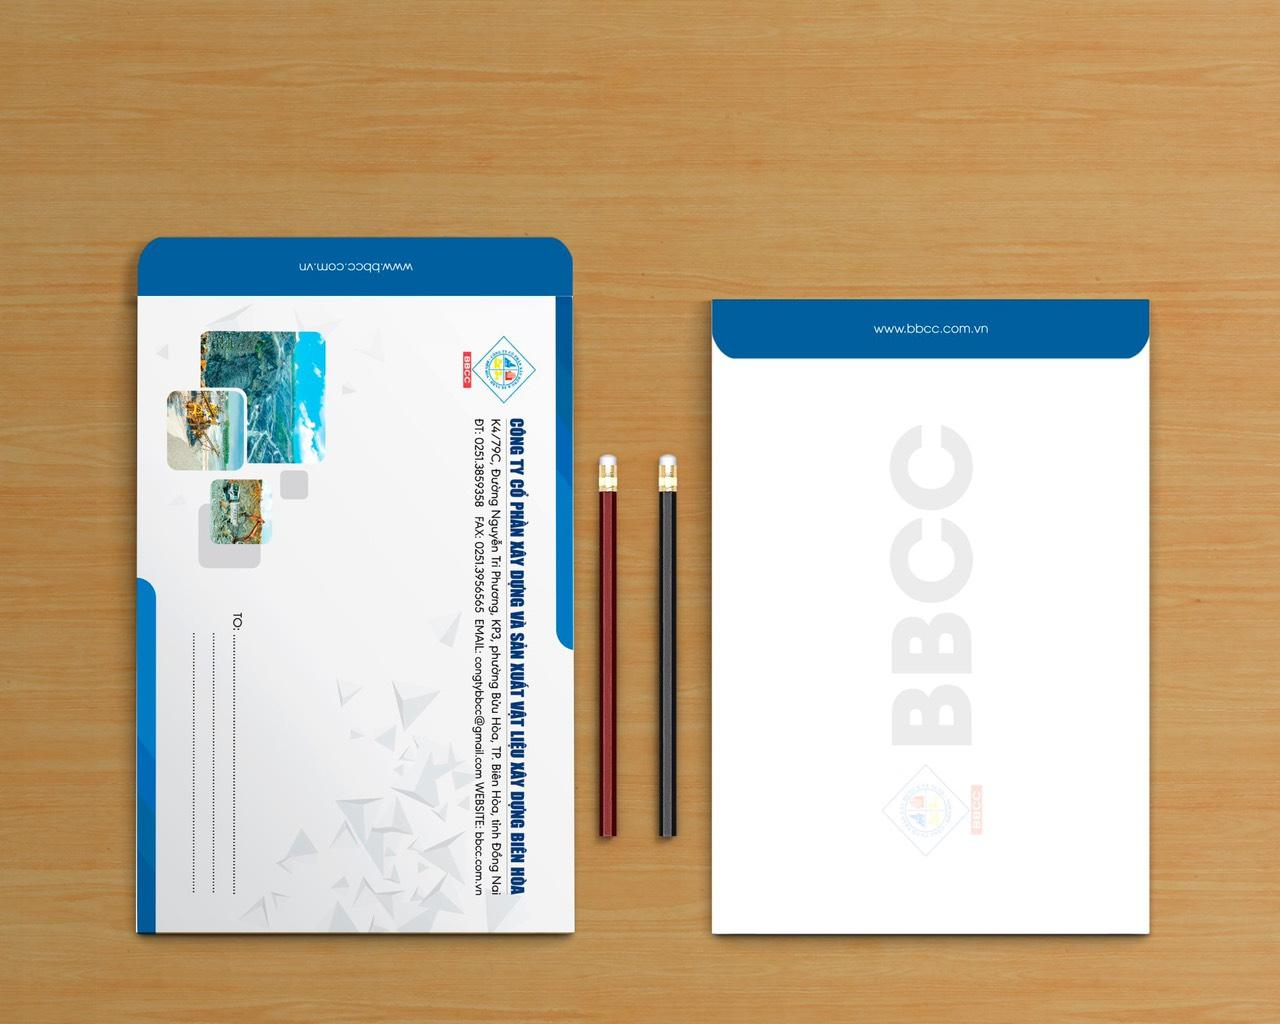 thiết kế bì thư rubic group